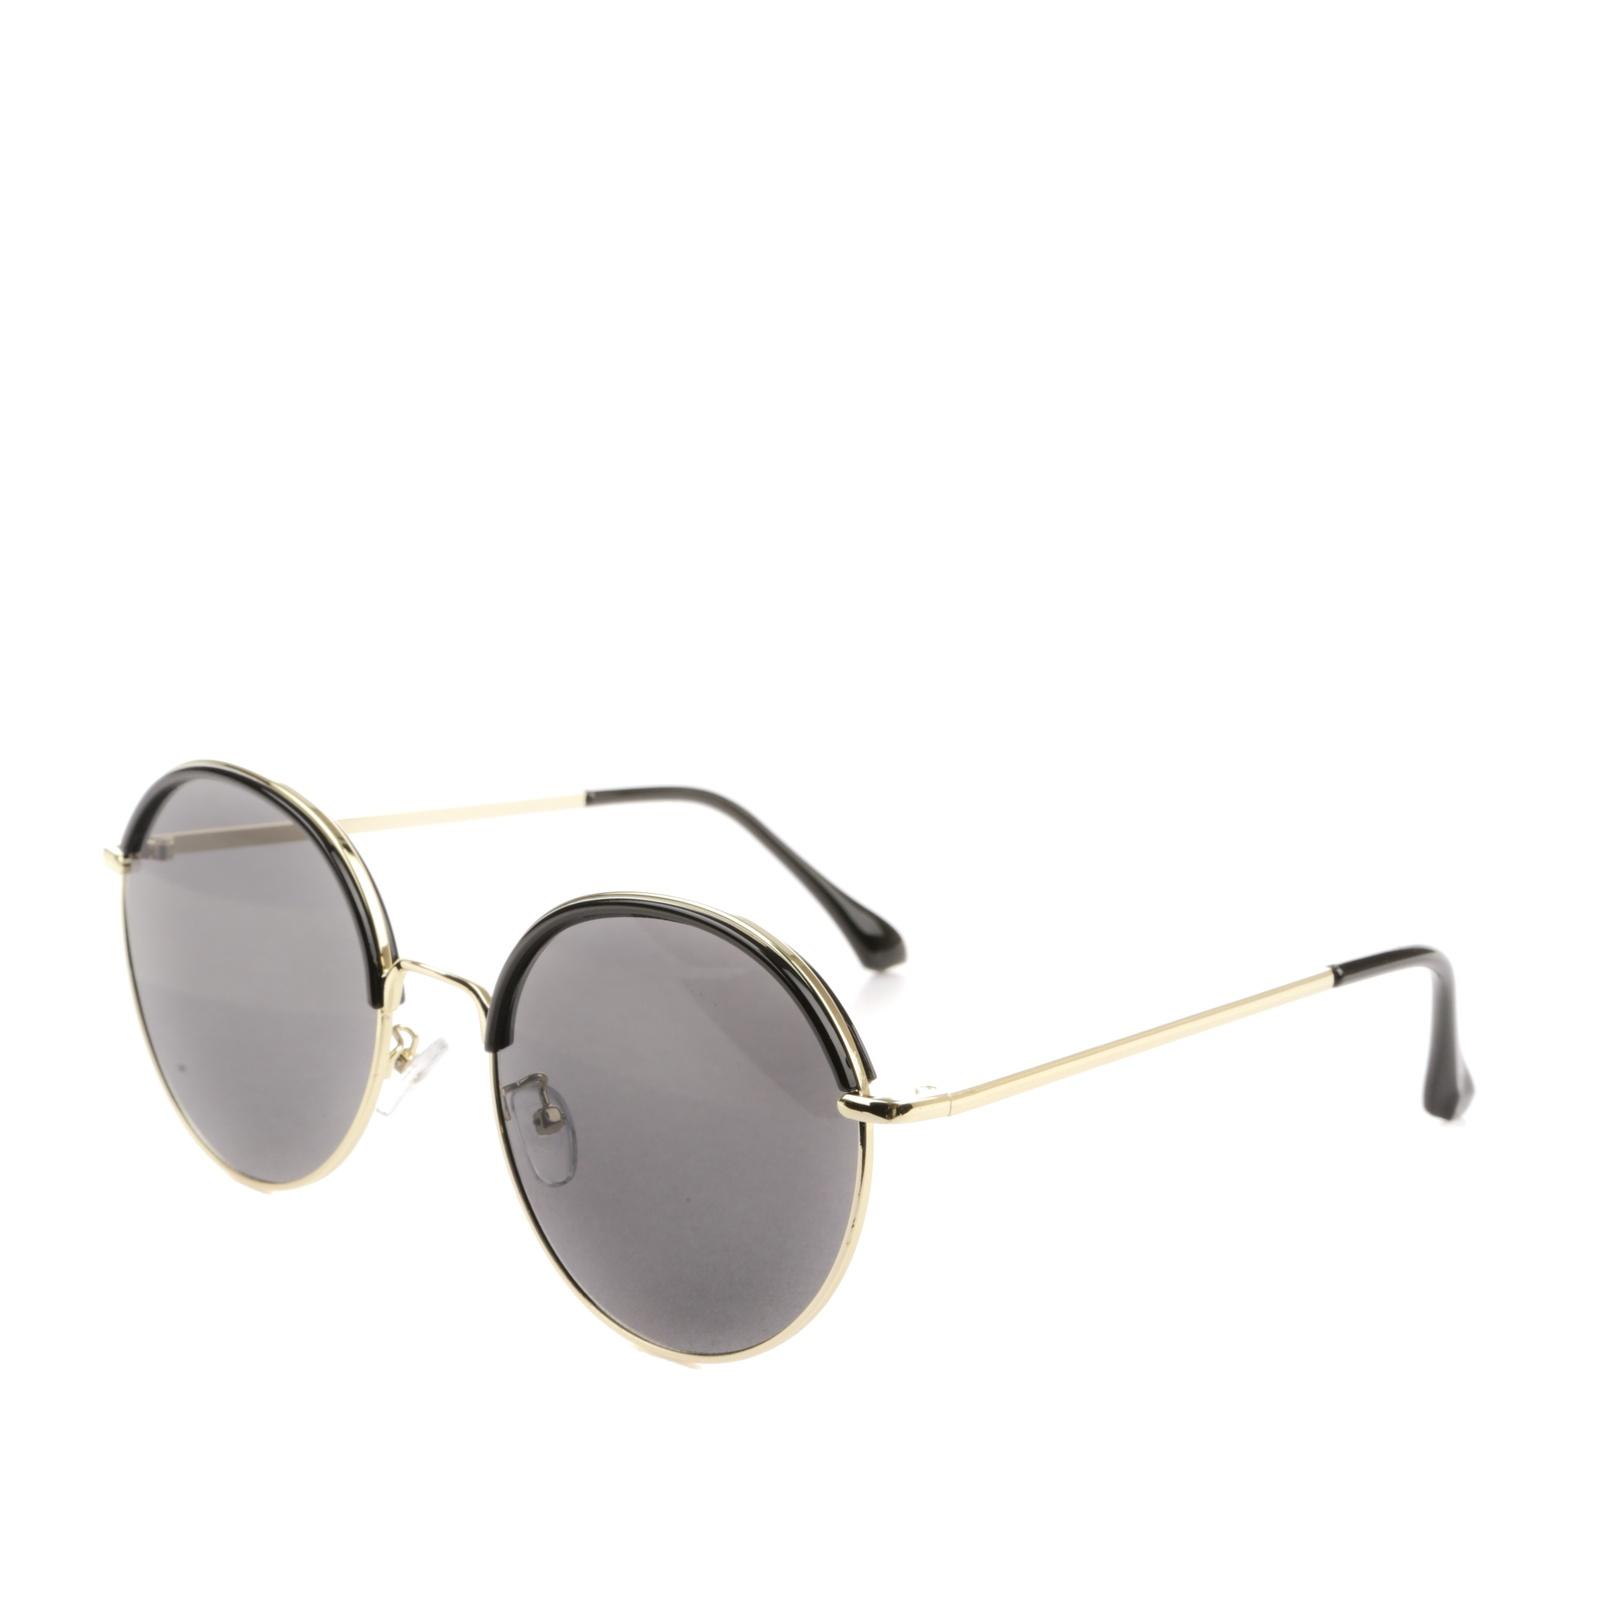 Очки солнцезащитные PrettyDay круглые очки солнцезащитные женские